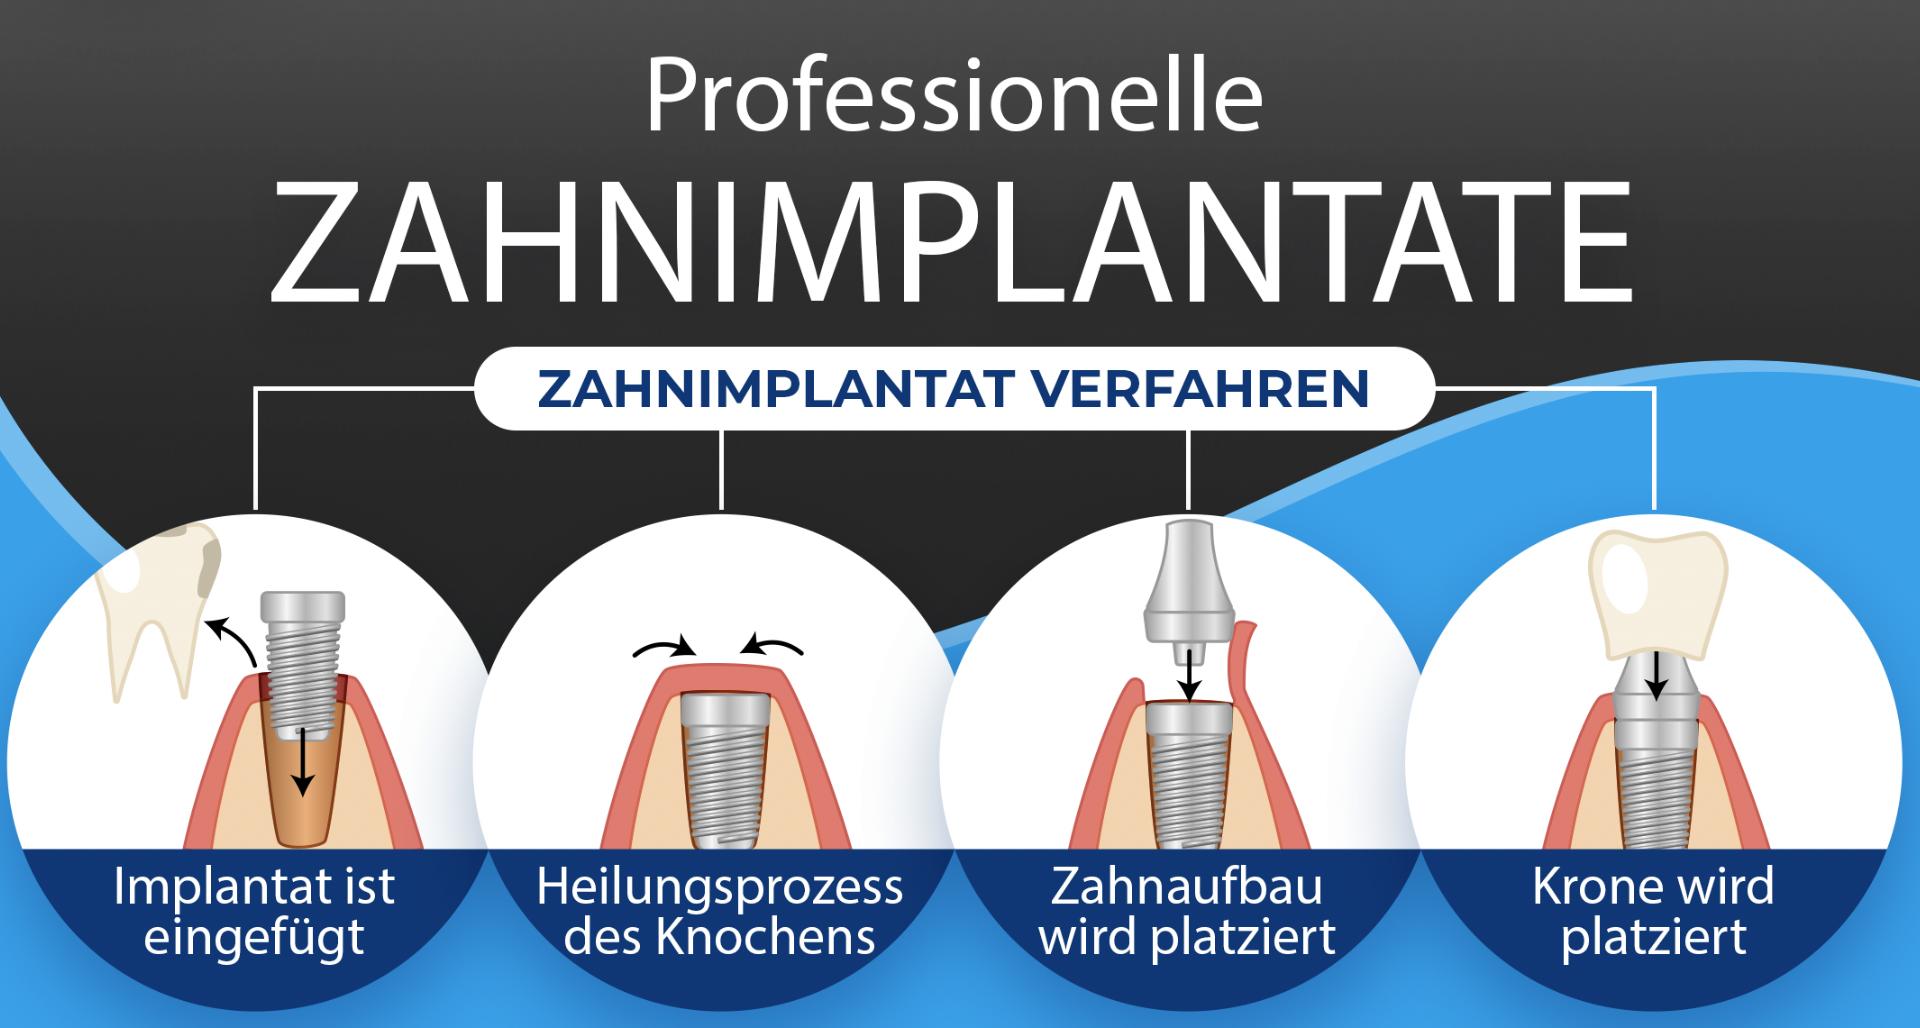 Professionelle Zahnimplantate